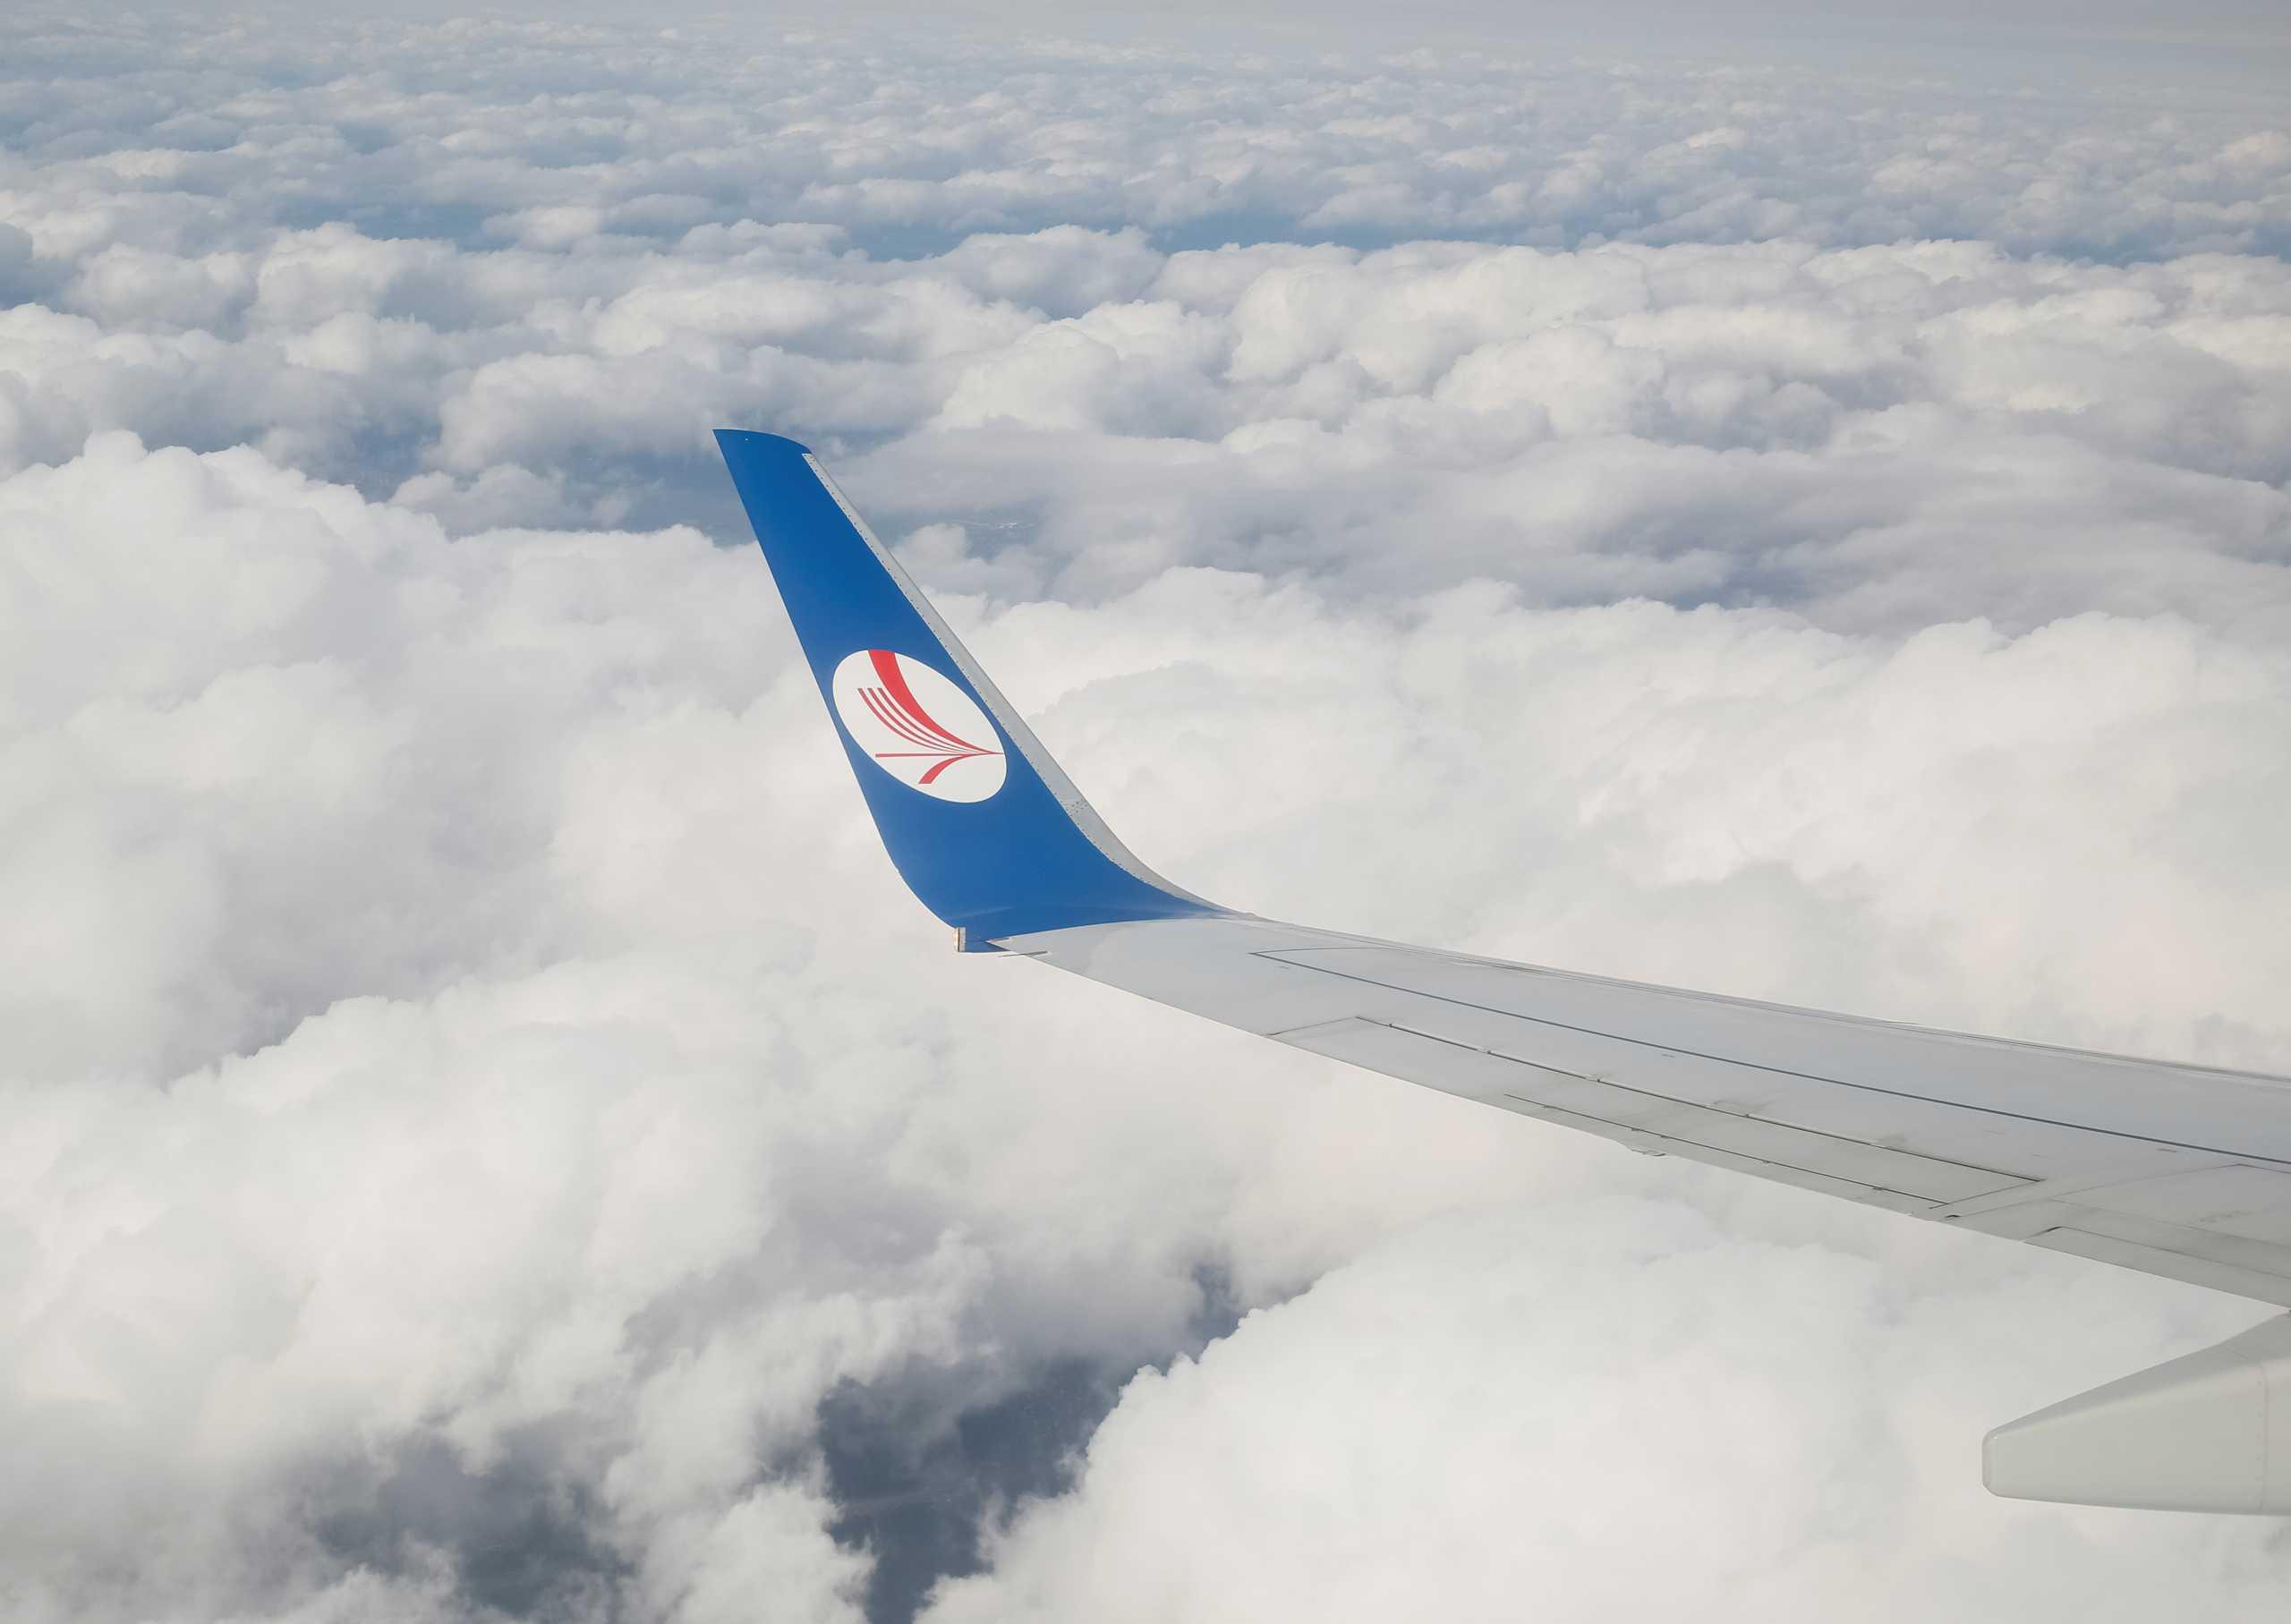 Αεροσκάφος επέστρεψε στη Λευκορωσία αφού δεν θα του επιτρεπόταν να μπει στον γαλλικό εναέριο χώρο